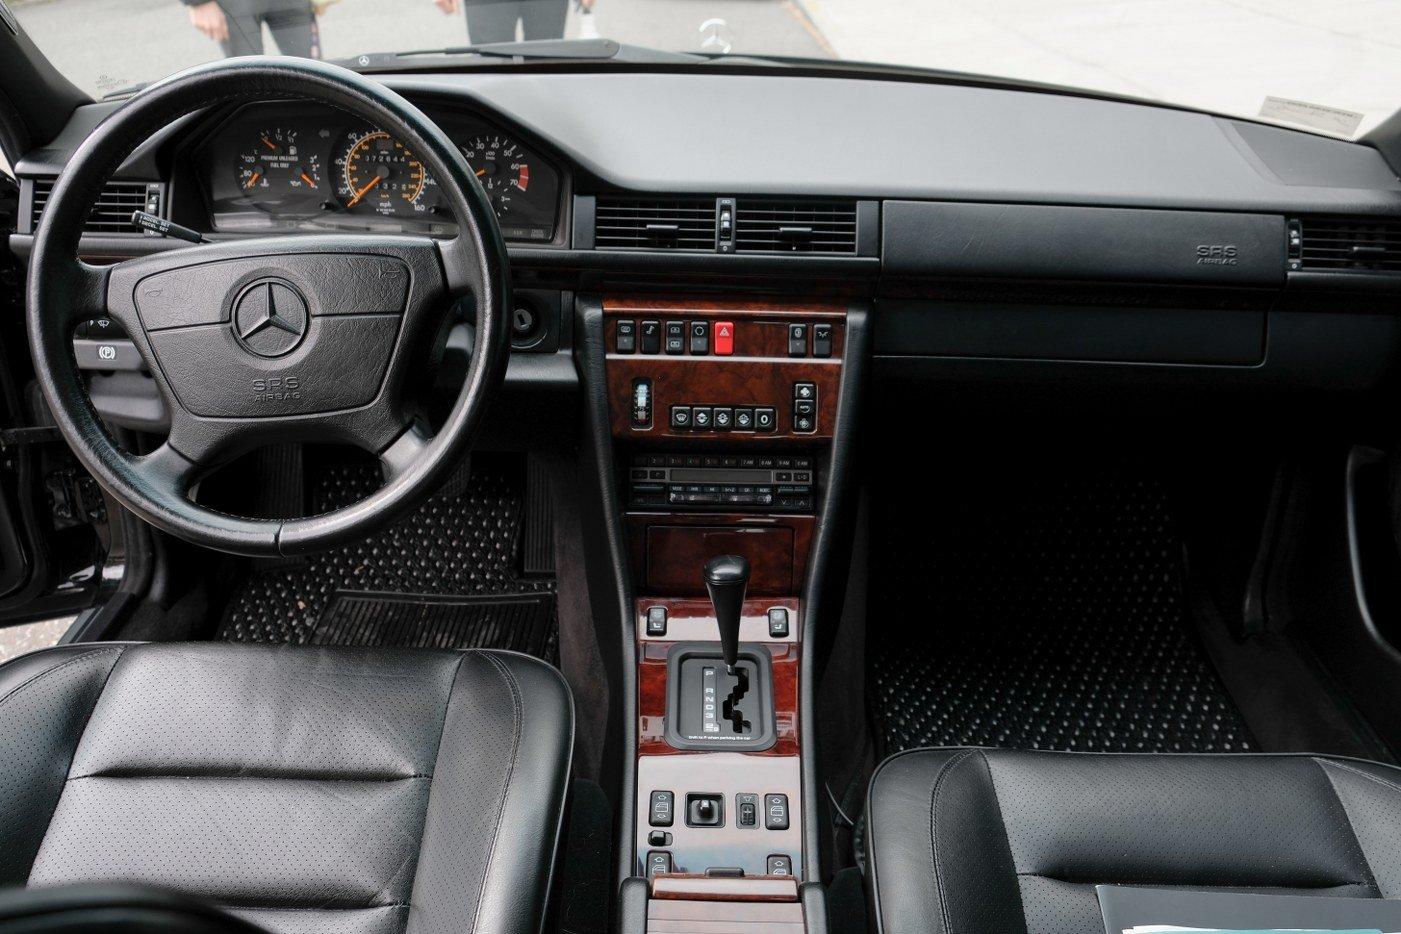 Mercedes-Benz 500 E 1992